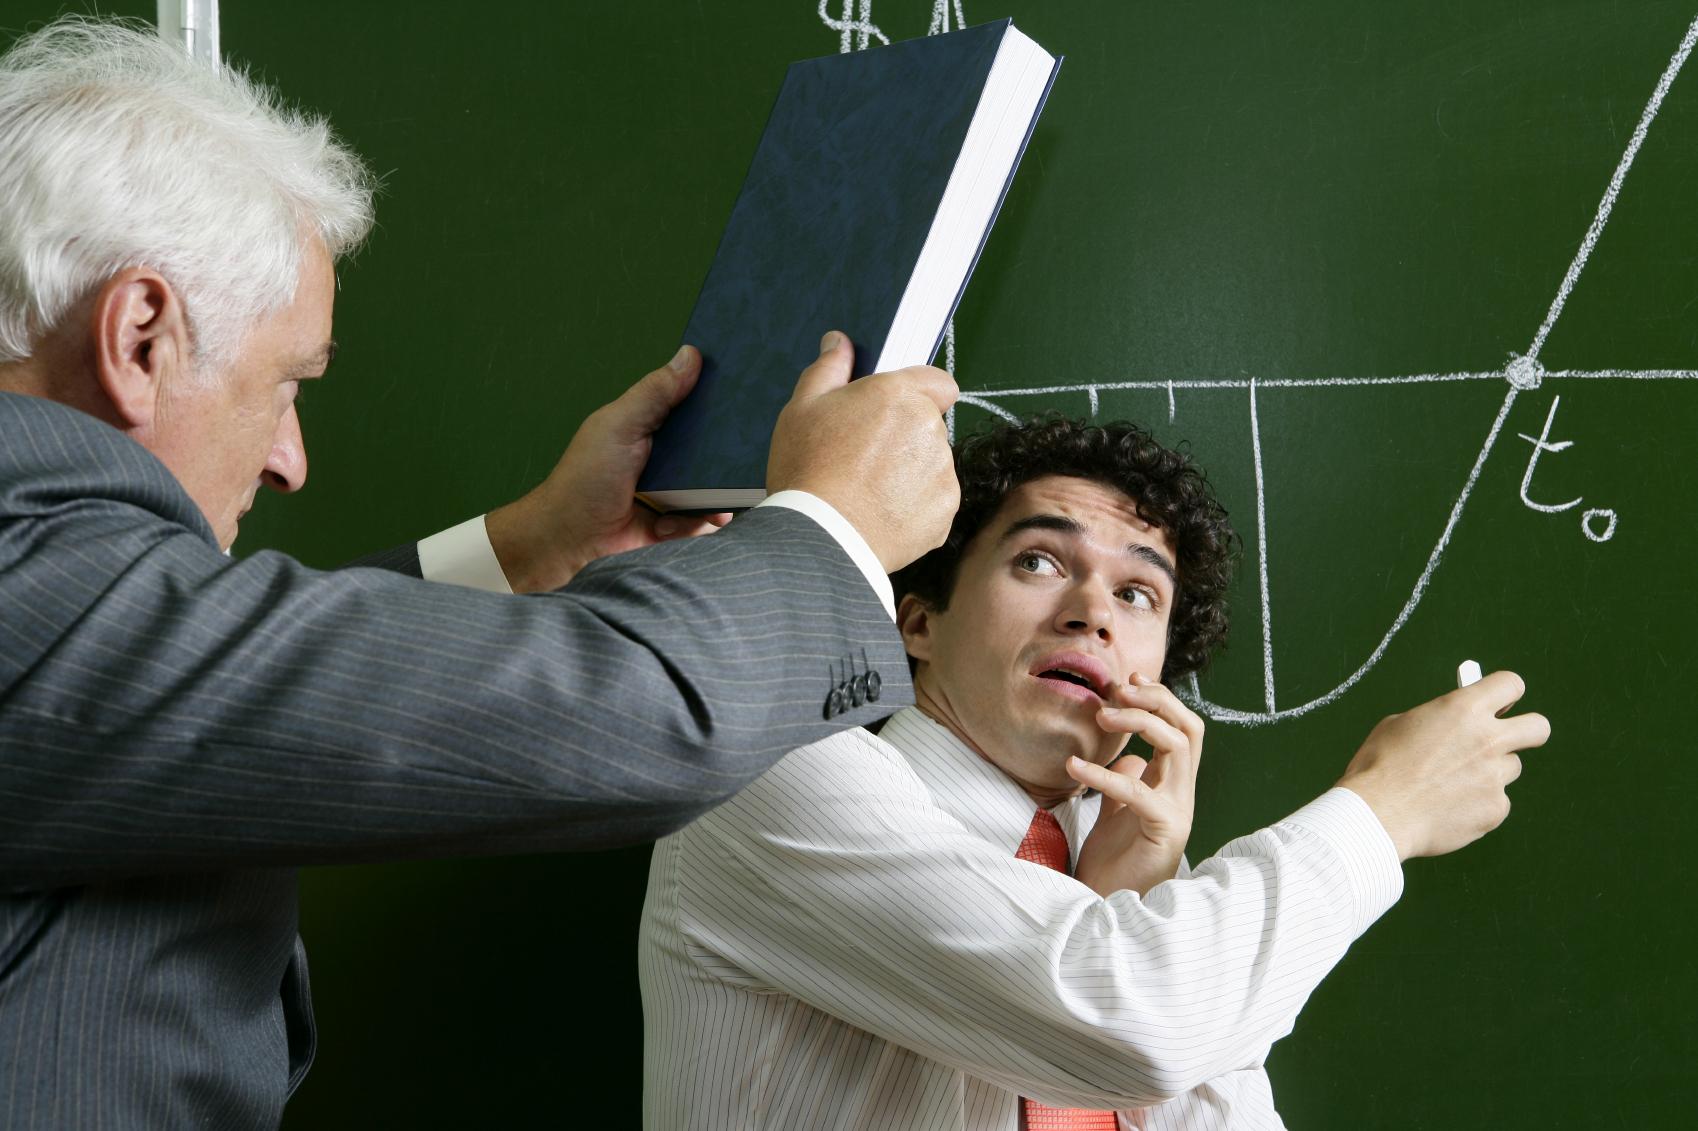 Ученик конфликтует с учителем